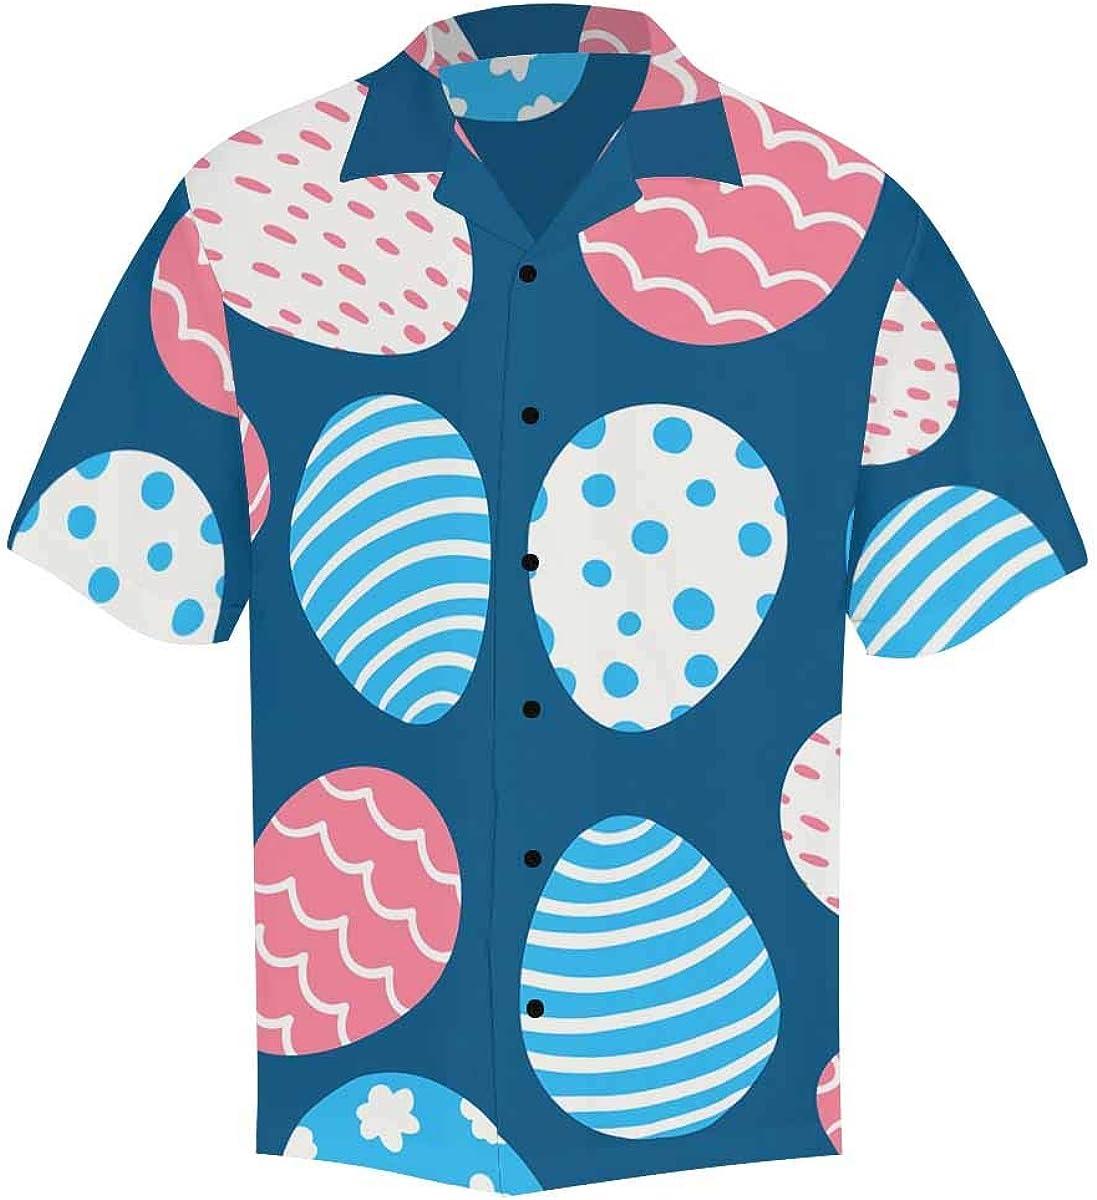 InterestPrint Men's Casual Button Down Short Sleeve Easter Egg Leaves Hawaiian Shirt (S-5XL)